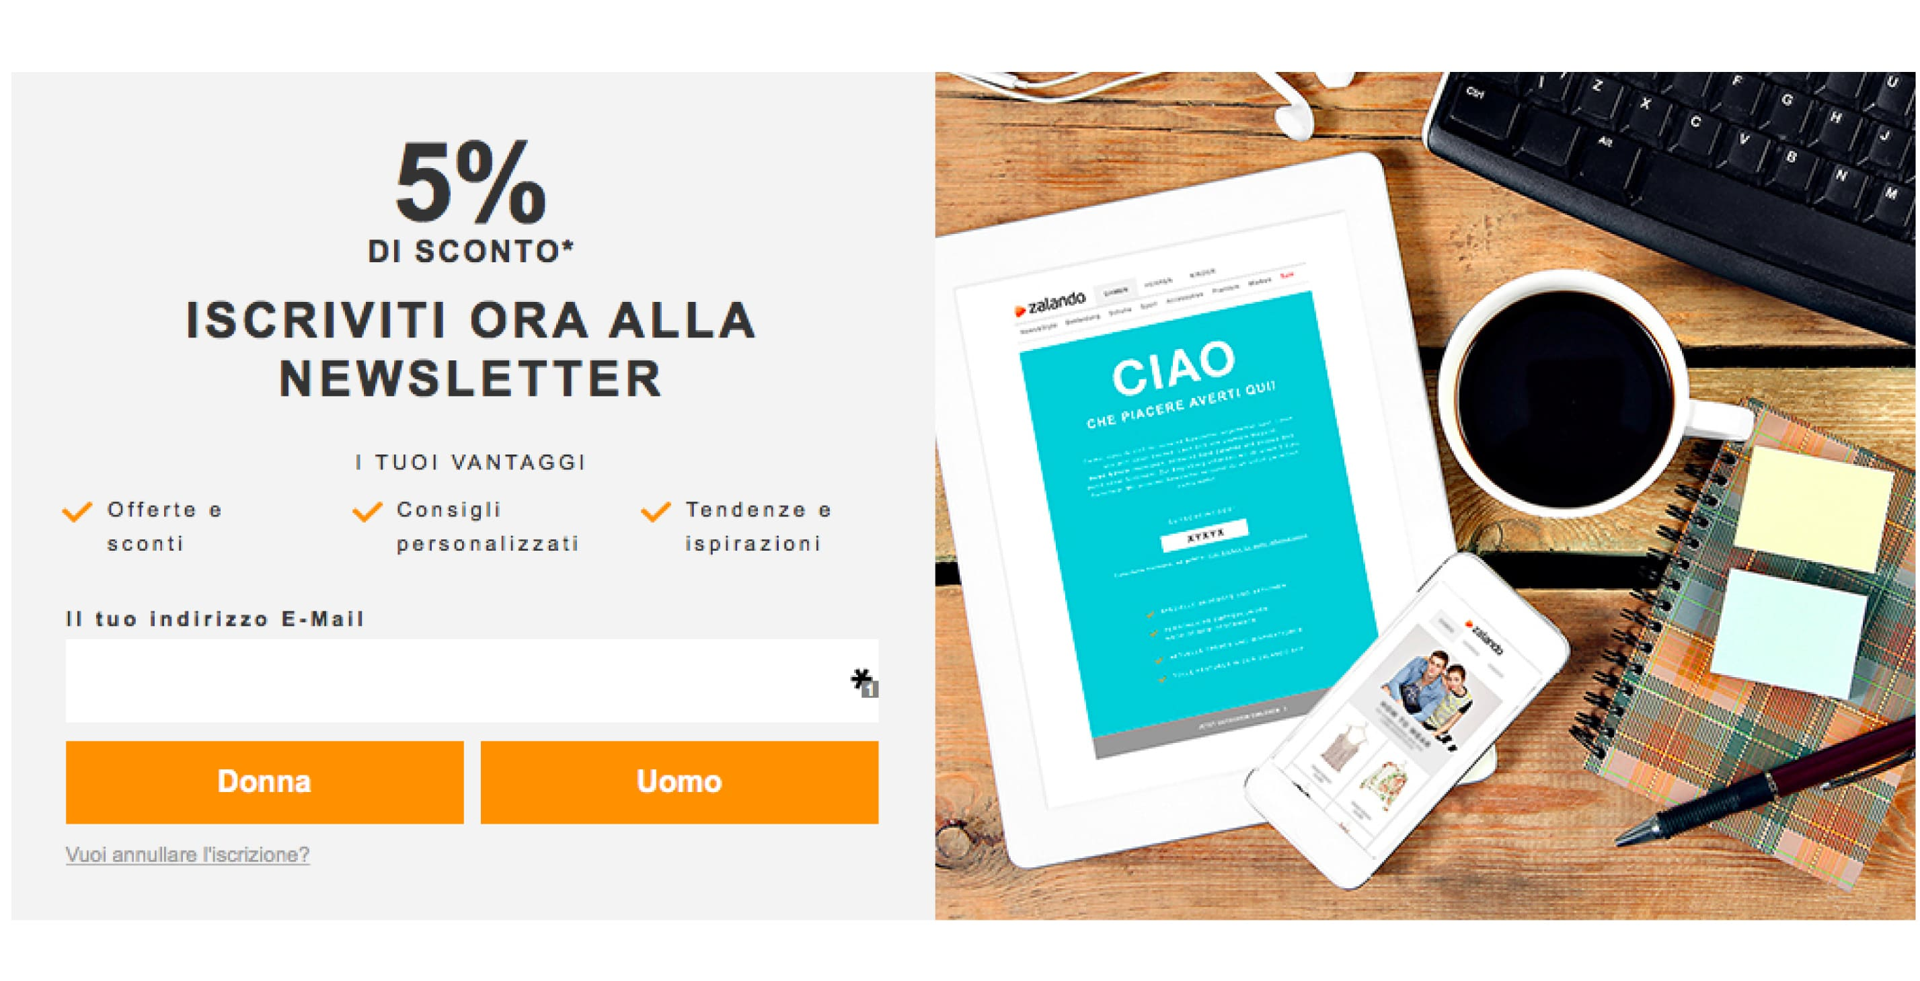 newsletter di esempio per promozione online